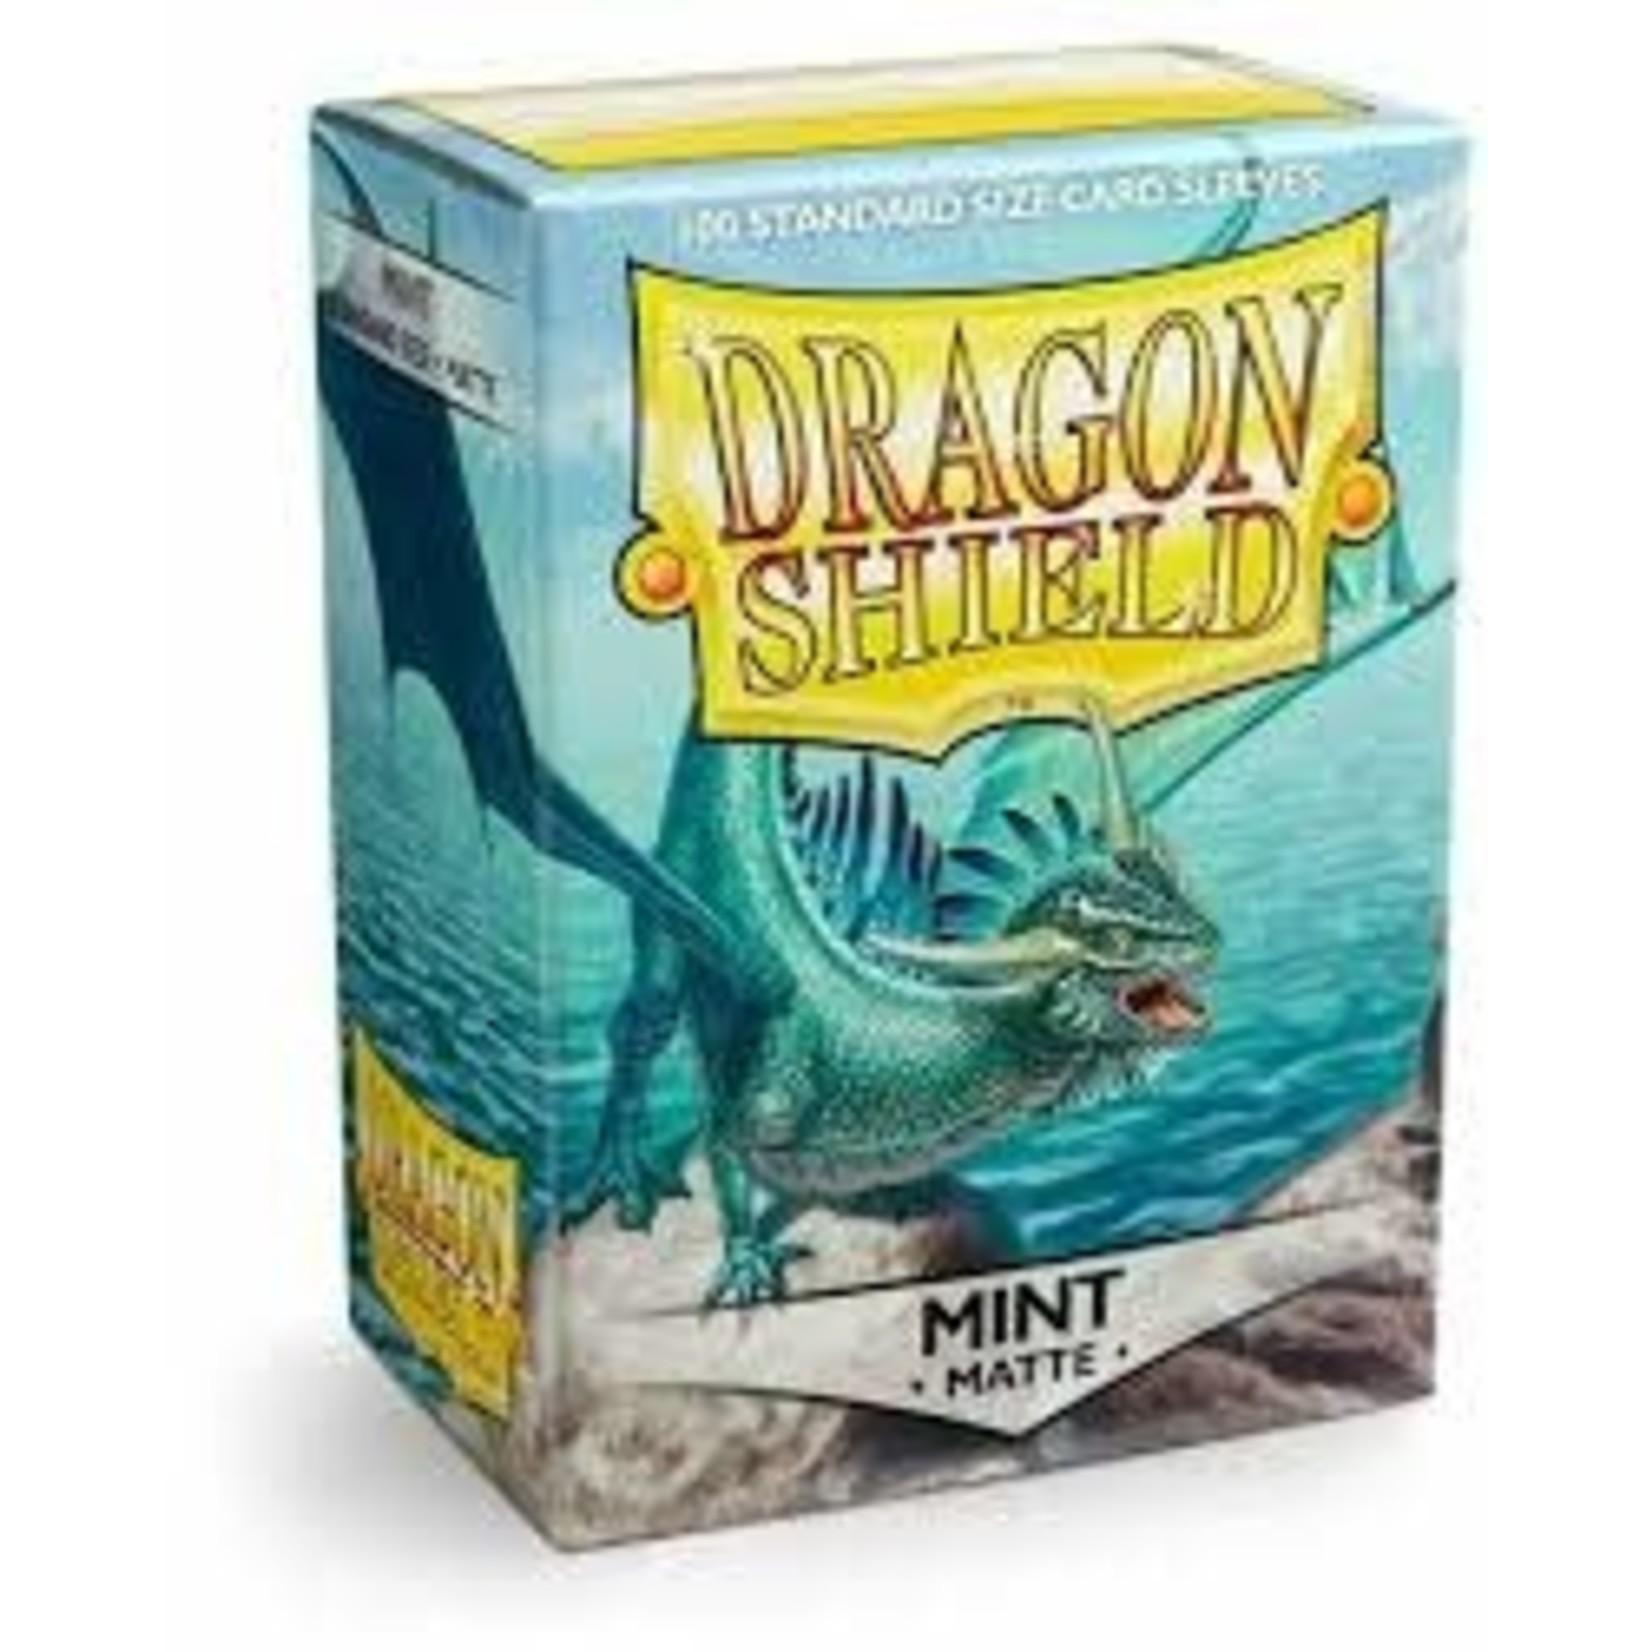 Dragon Shields Dragon Shield Mint Matte